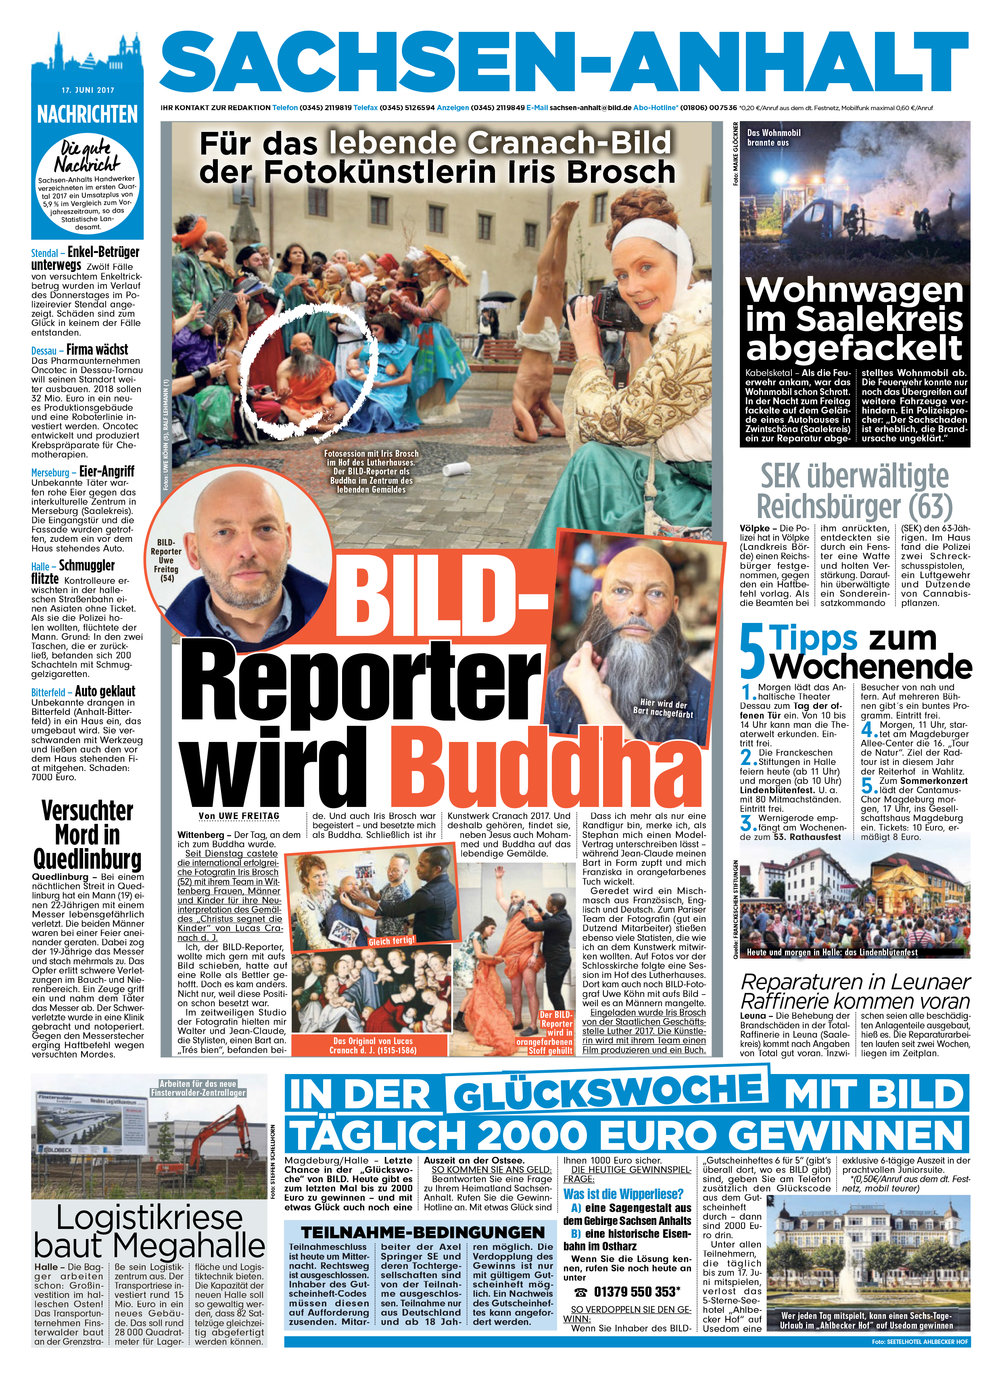 Fotoshooting Wittenberg.jpg